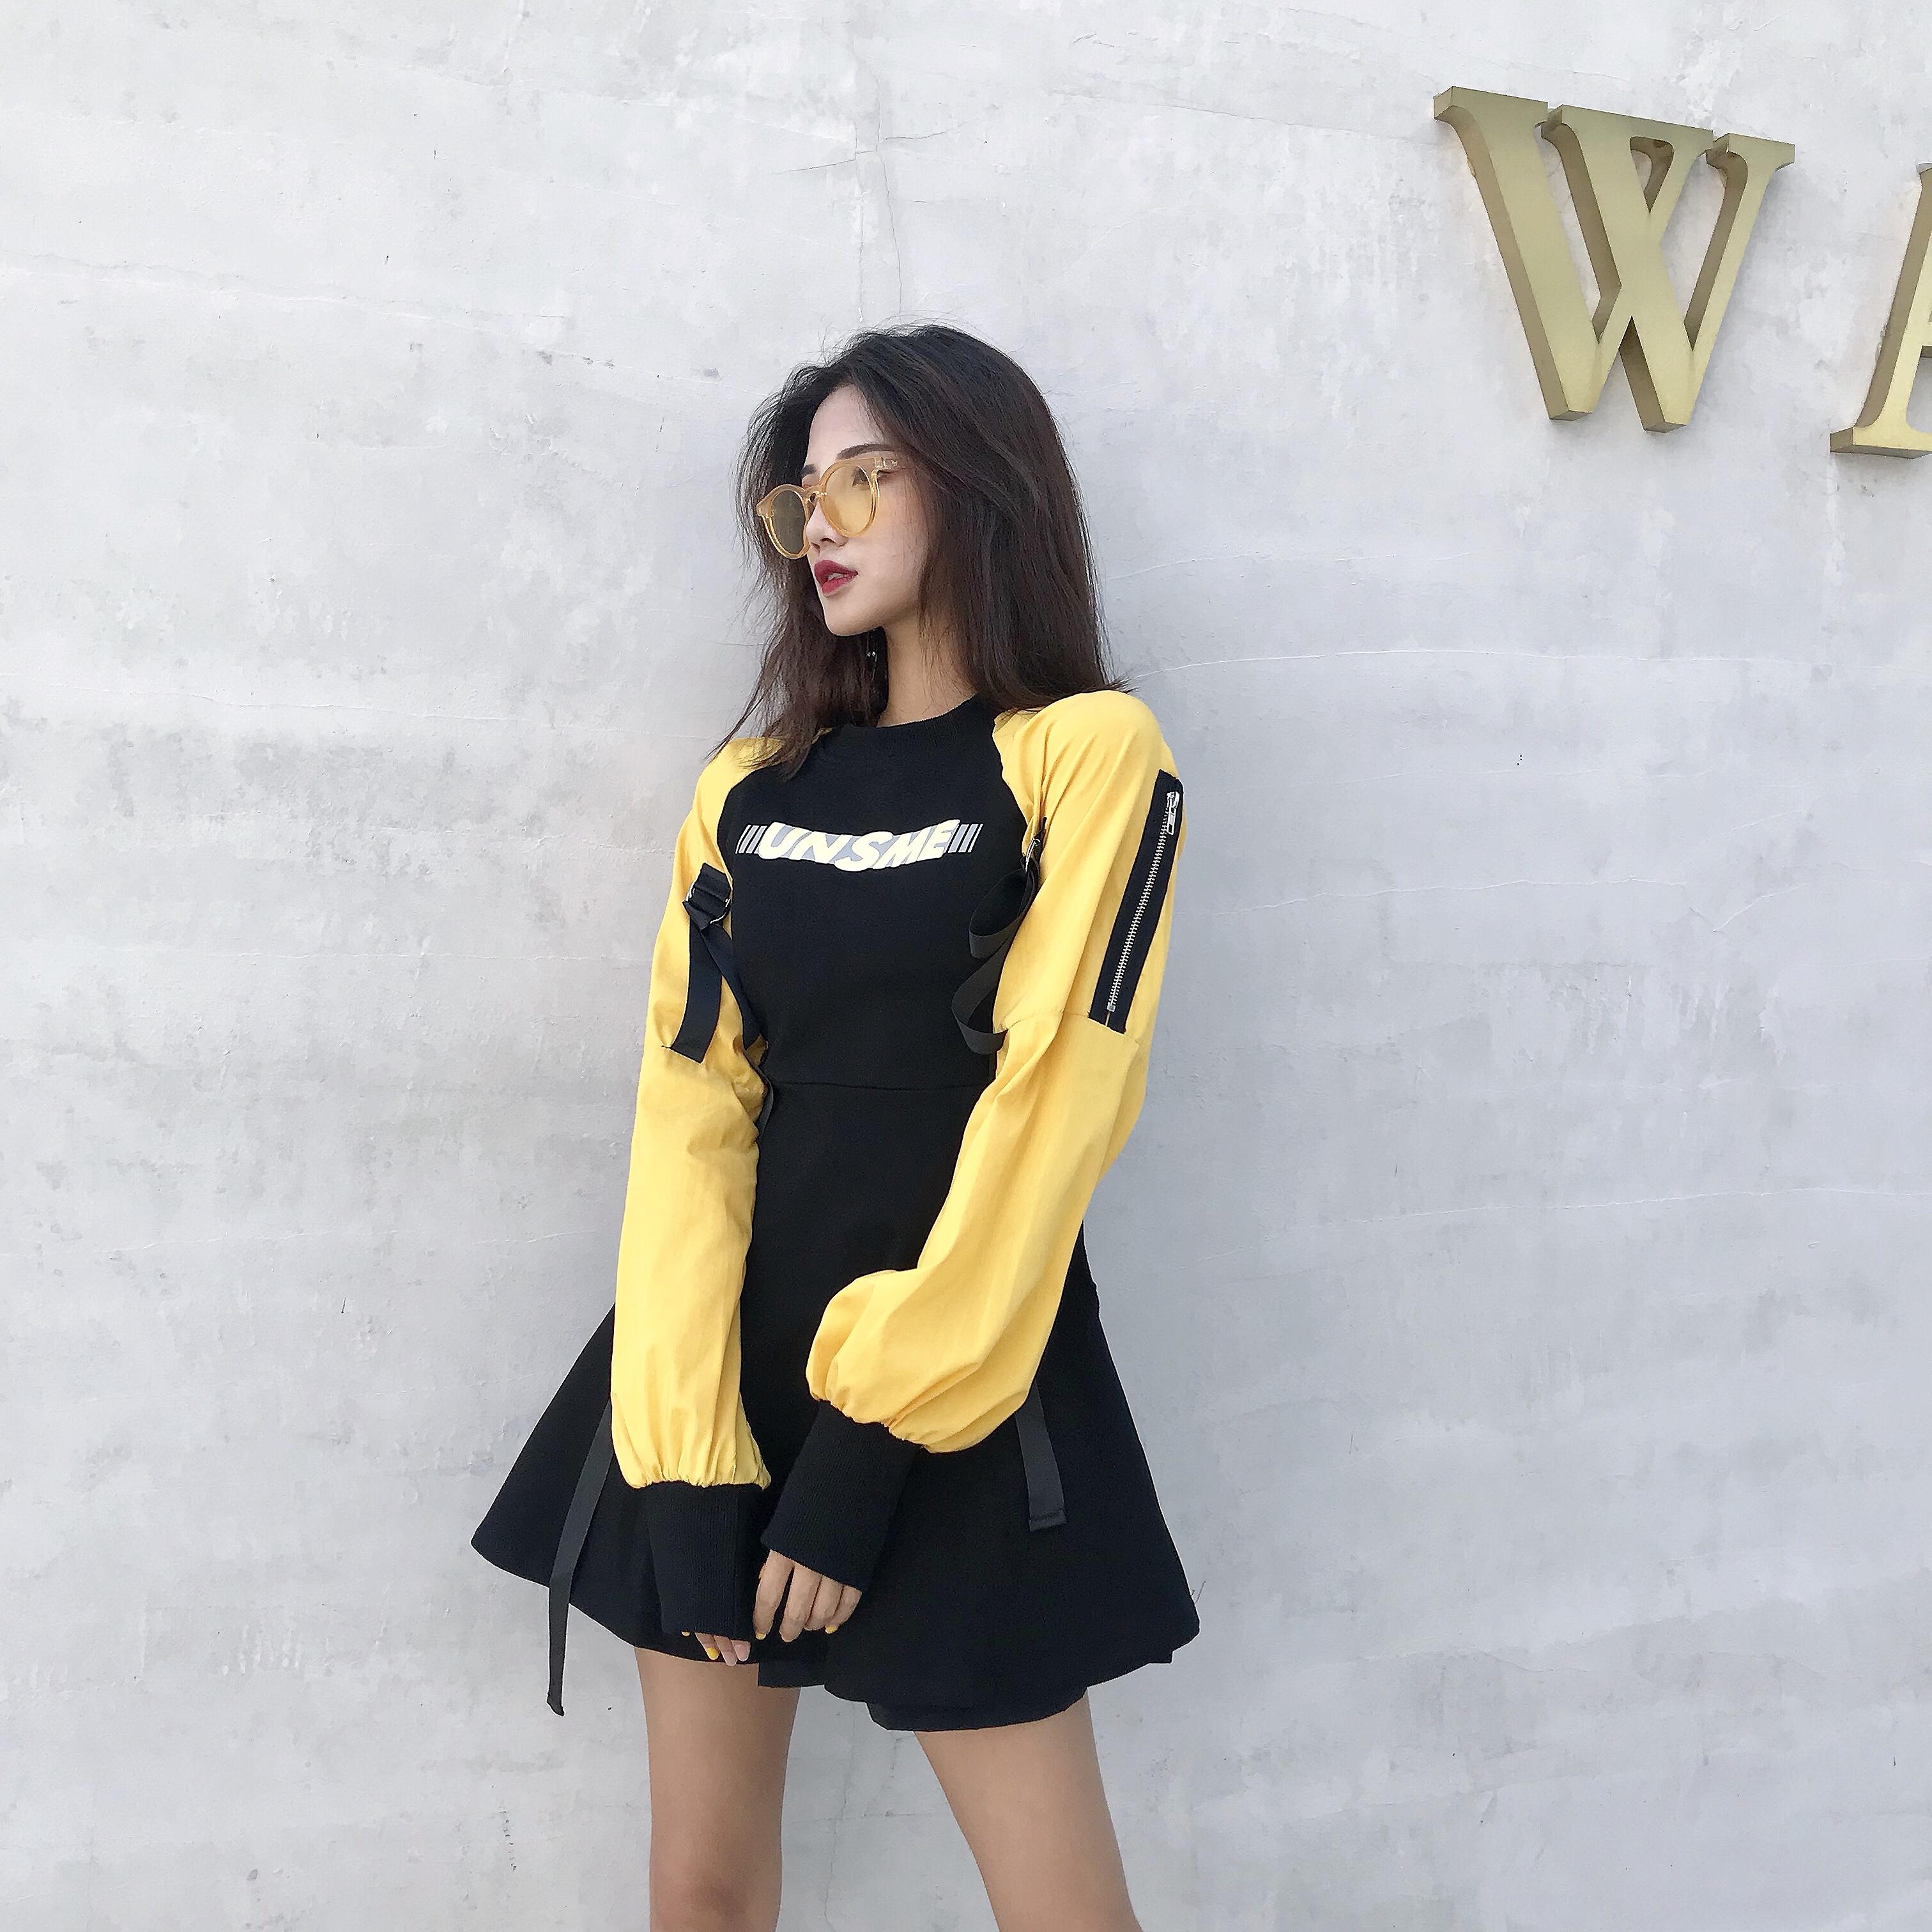 连衣裙女秋装2018新款韩版长袖卫衣裙学生早秋chic中长款休闲裙子